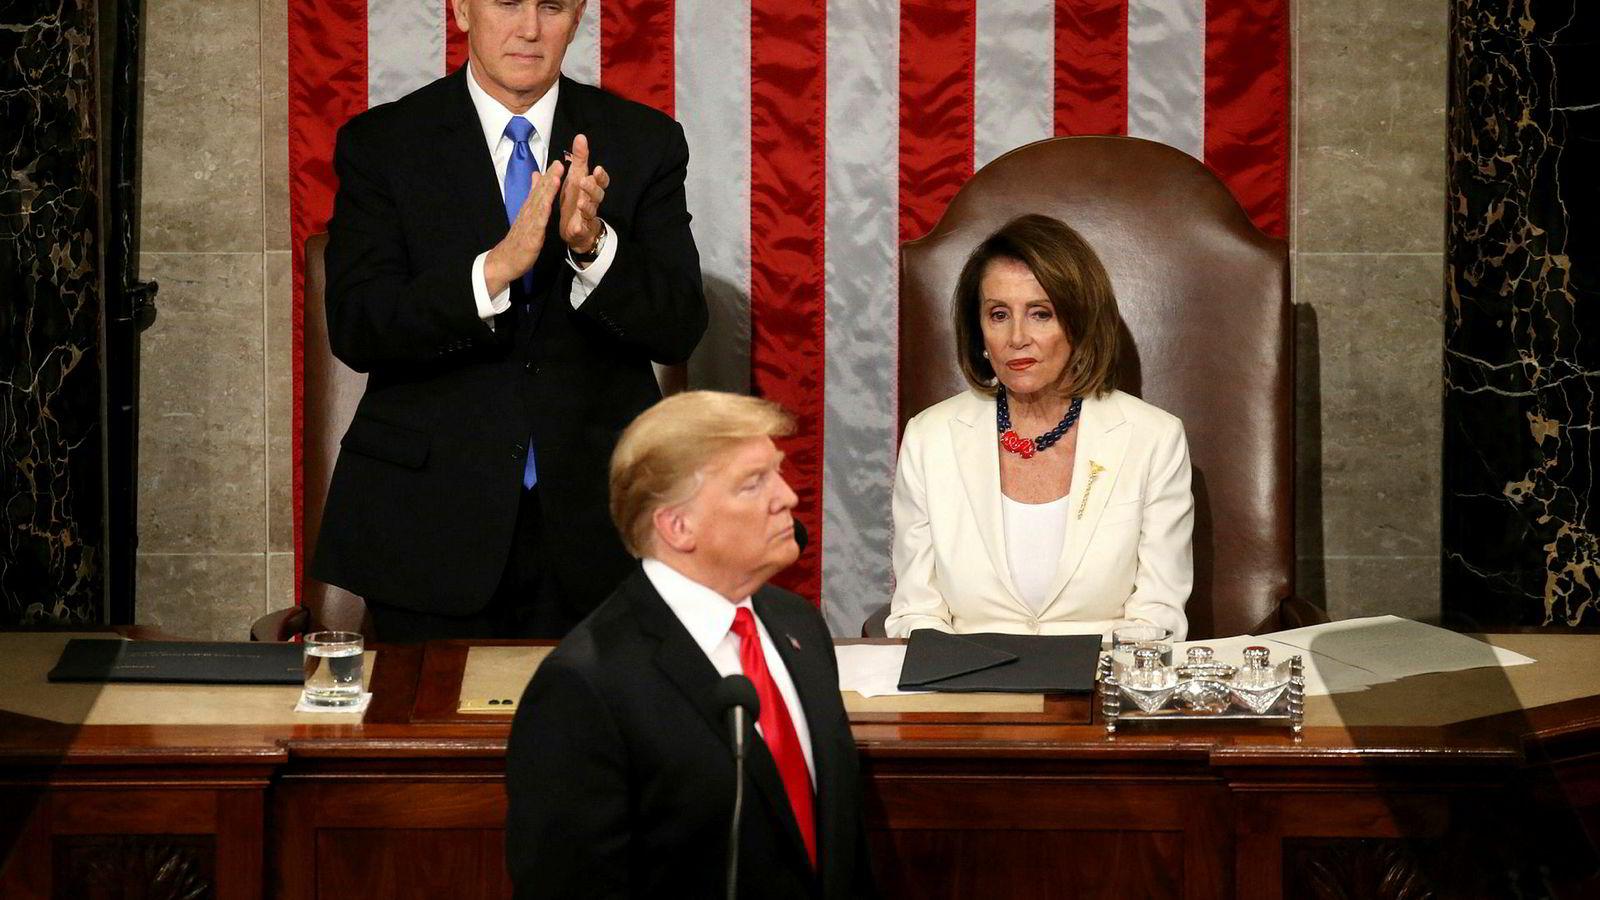 Høyresiden og venstresiden i politikken er ikke bare uenige om hva som bør være målene for samfunnet, men har også ulike oppfatninger av virkeligheten. Her Nancy Pelosi sammen med visepresident Mike Pence som klapper for den amerikanske president Donald Trump som talte på Capitol Hill i Washington.